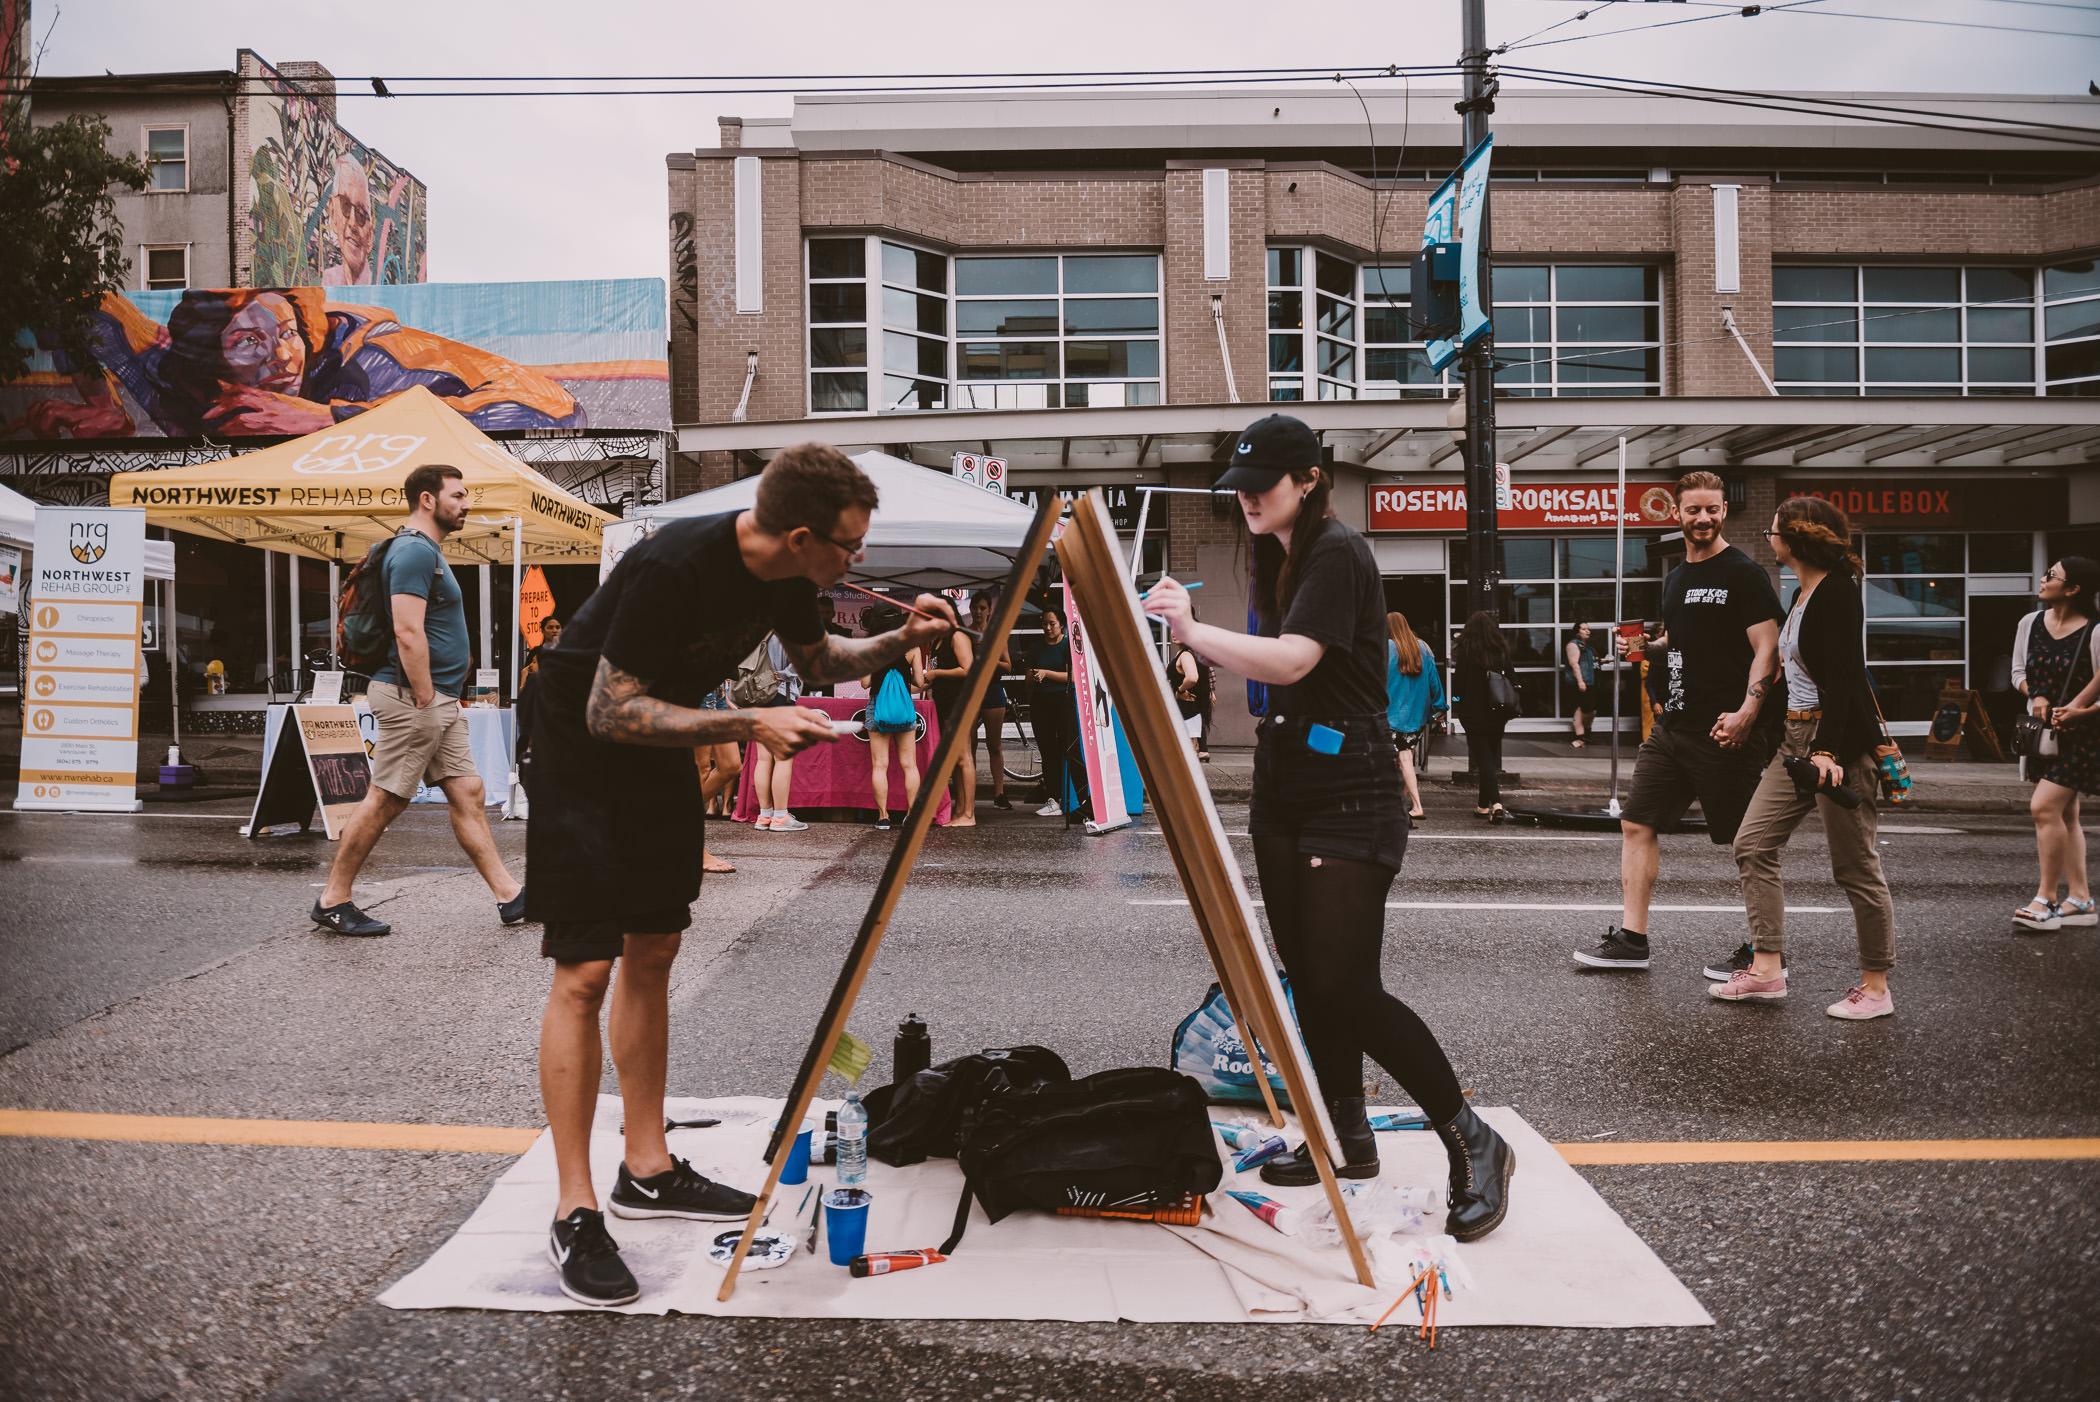 Vancouver_Mural_Fest-Do604-Timothy_Nguyen-20180811-183.jpg